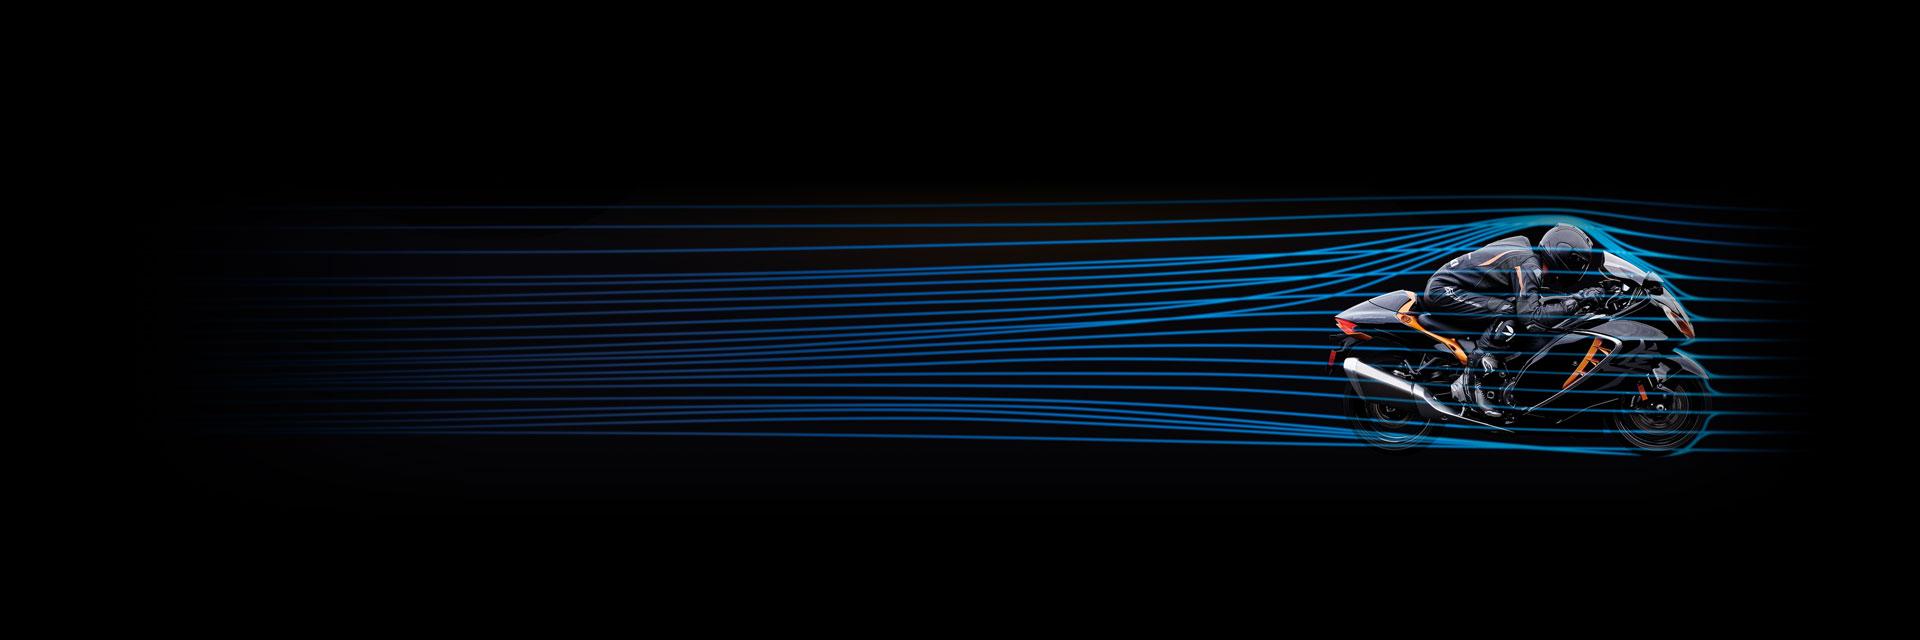 Hayabusa-Styling-Design